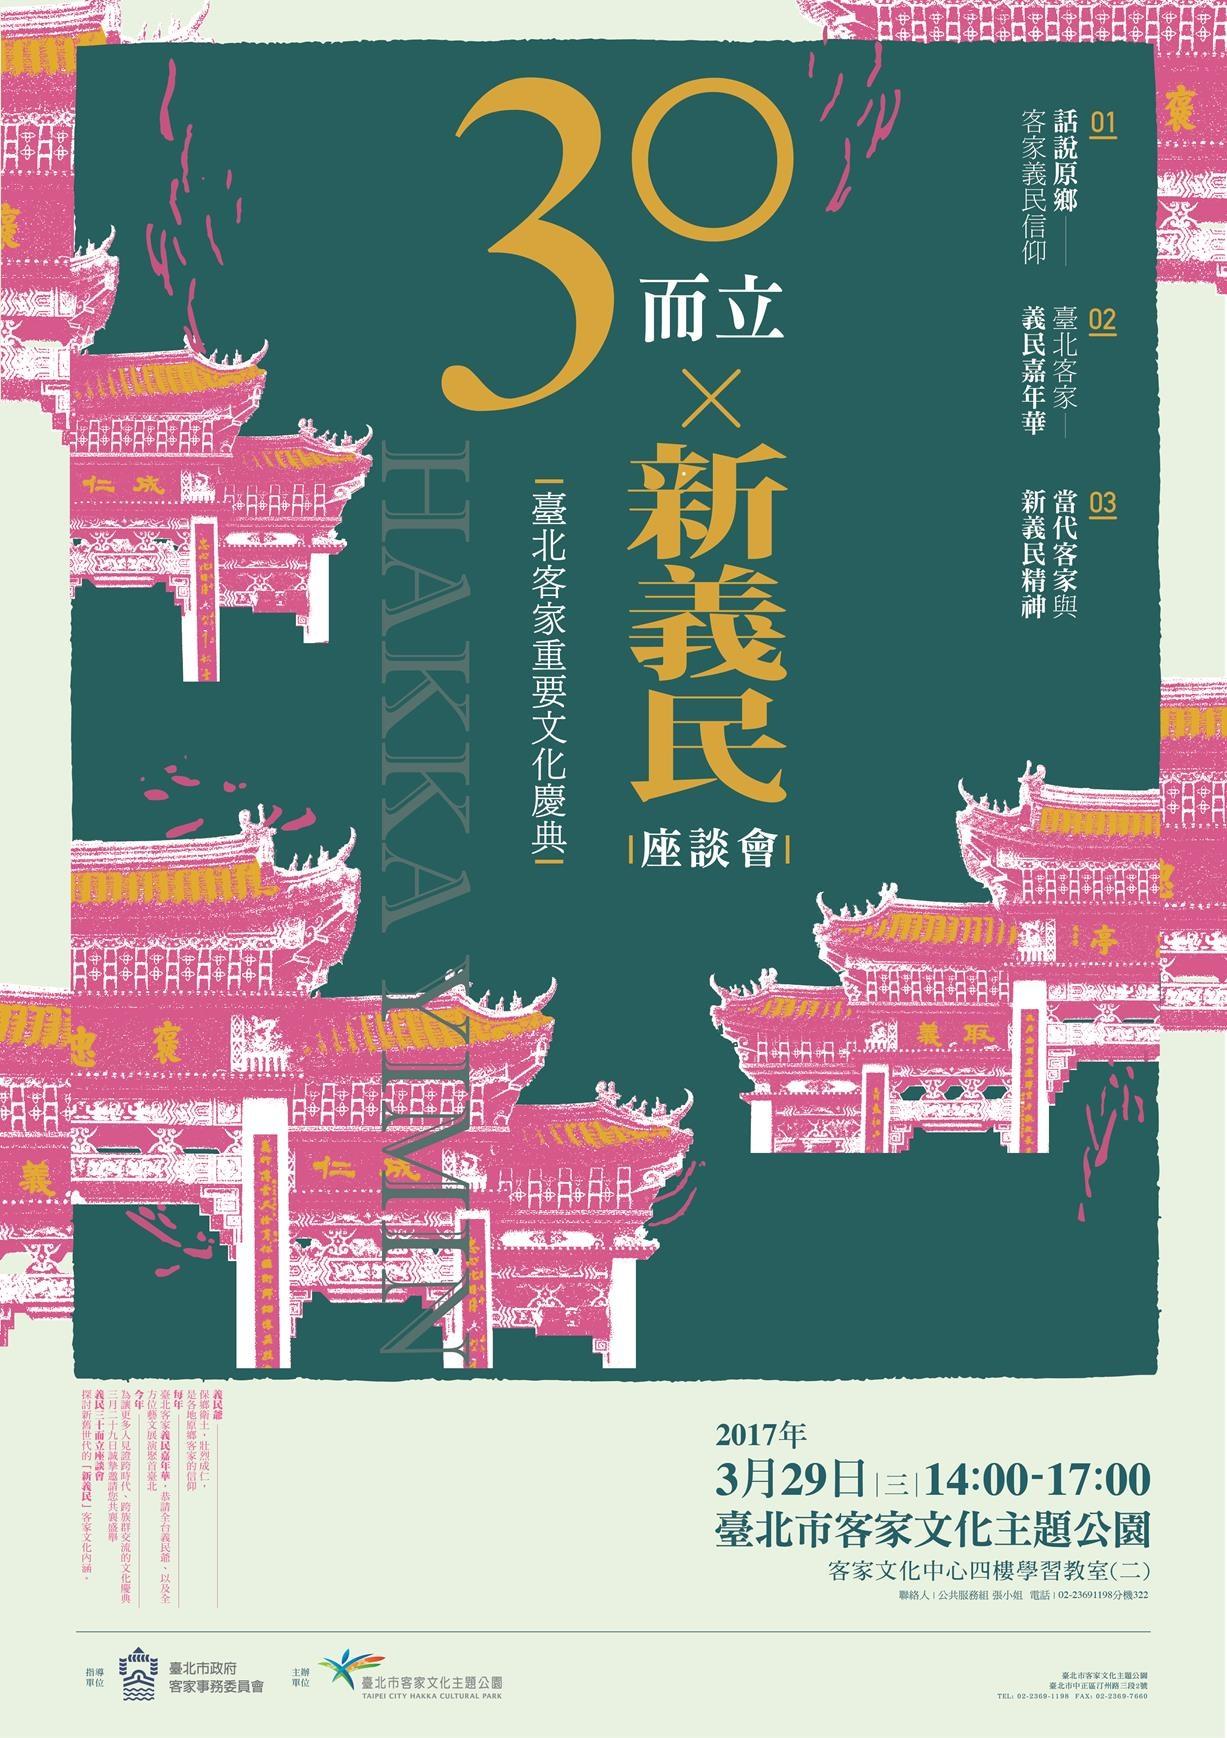 30而立 × 新義民座談會 - 臺北市客家文化主題公園